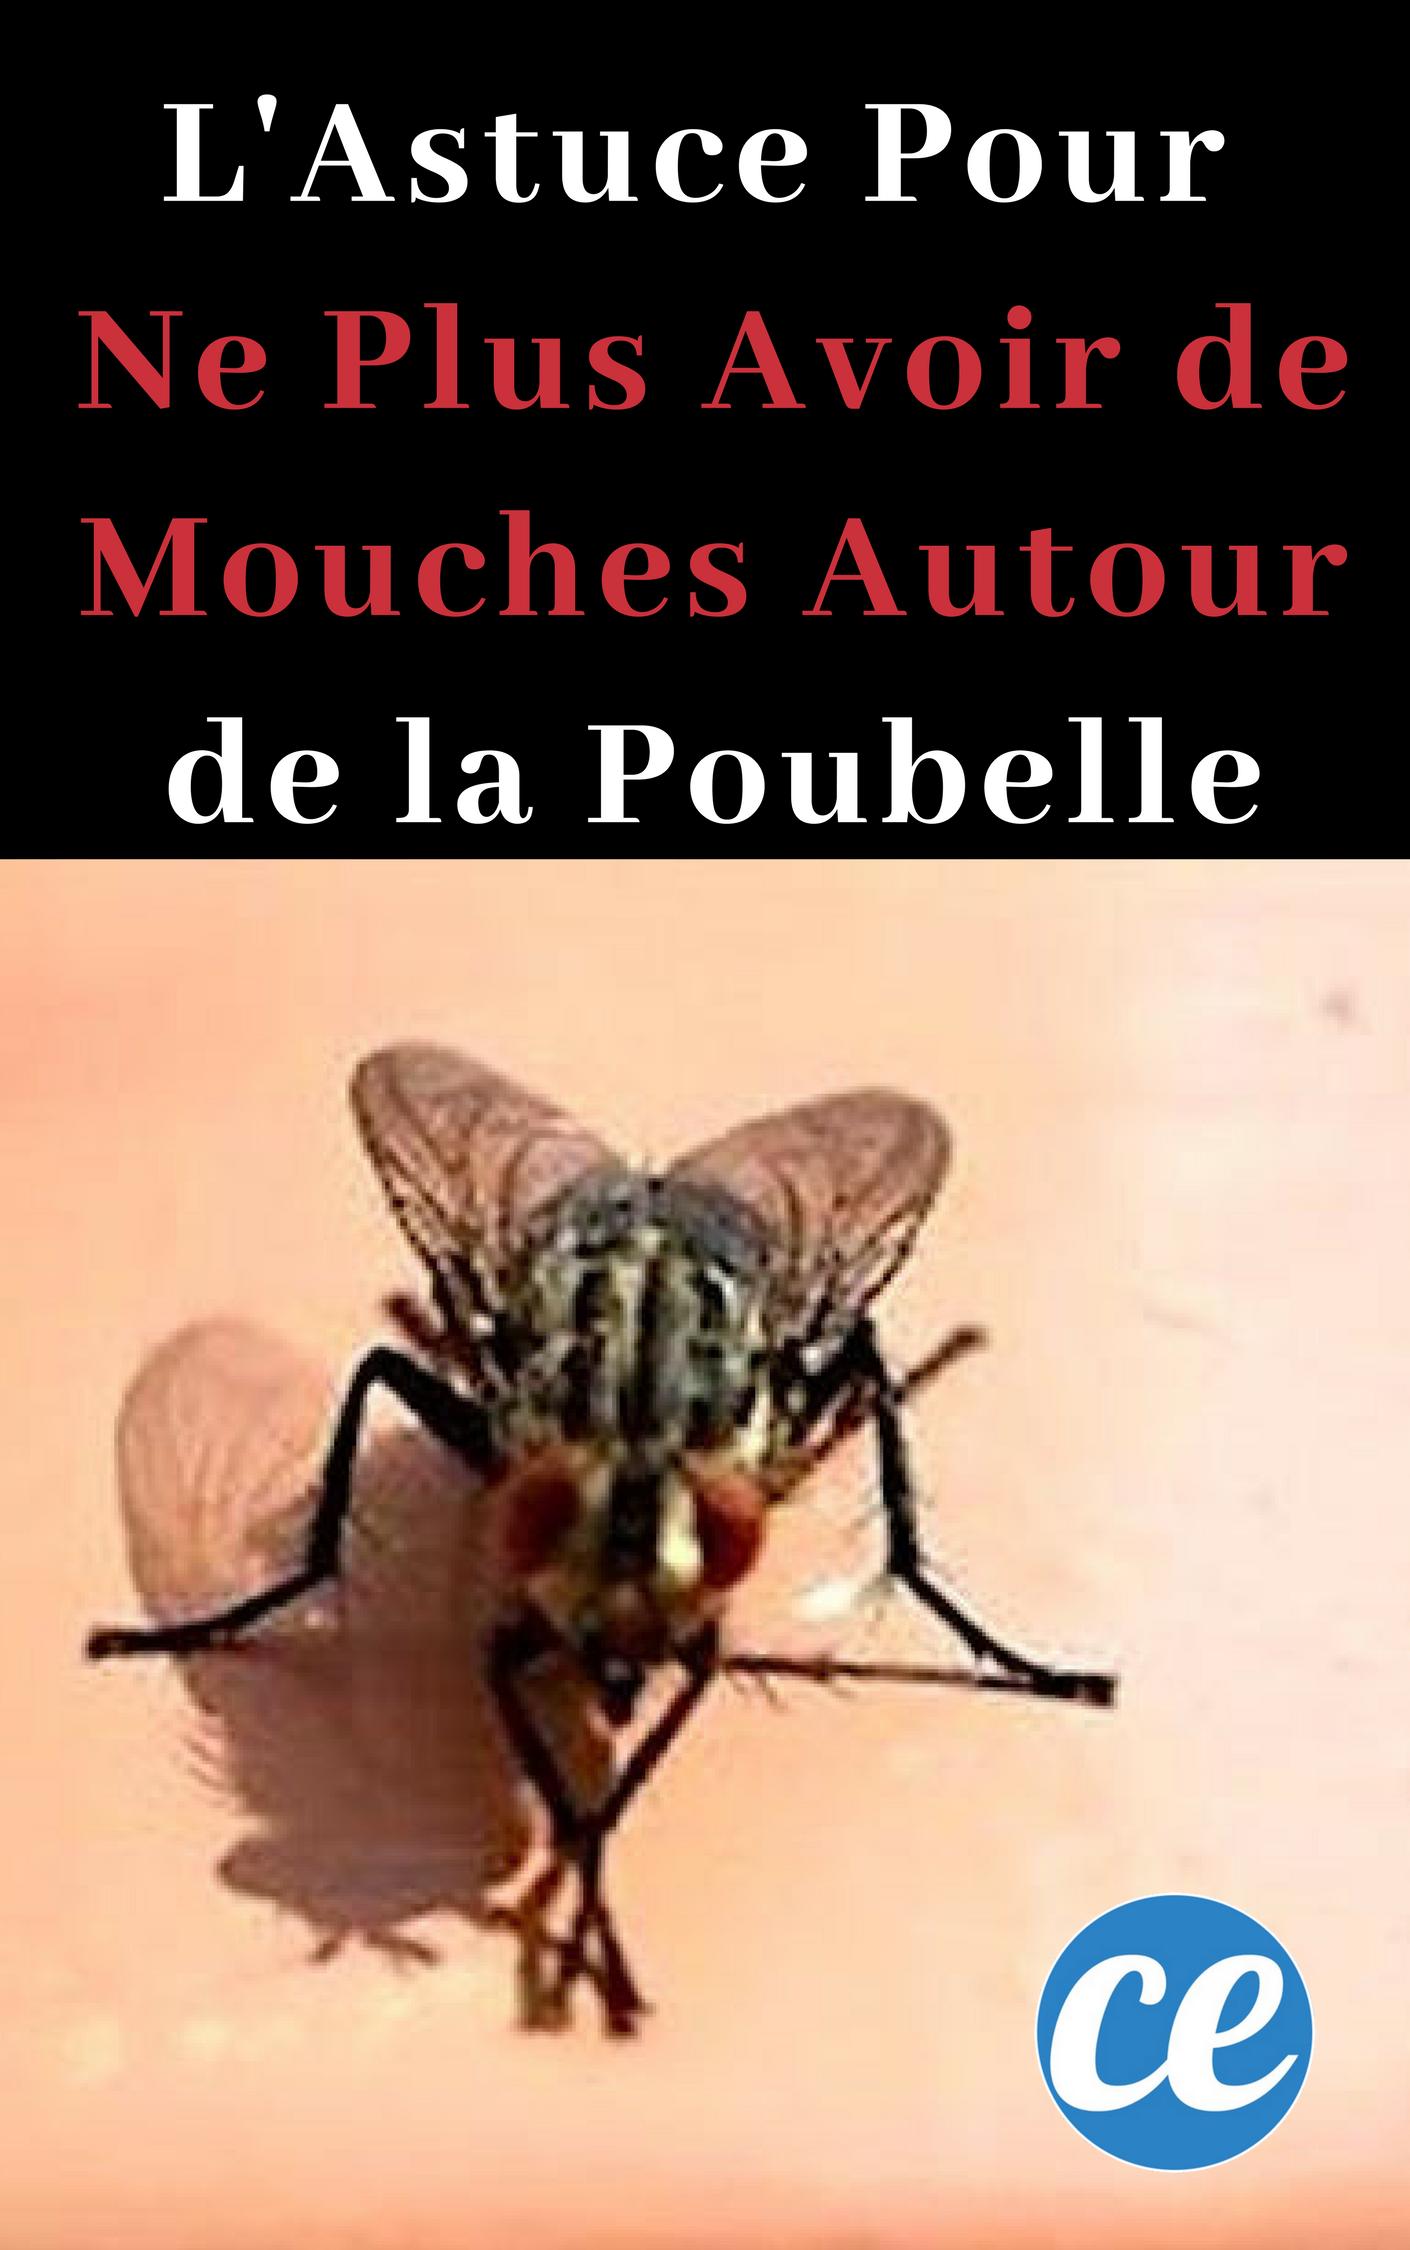 Lutter Contre Les Mouches : lutter, contre, mouches, L'Astuce, Avoir, Mouches, Tournent, Autour, Poubelle., Mouches,, Astuces, Contre, Éloigner